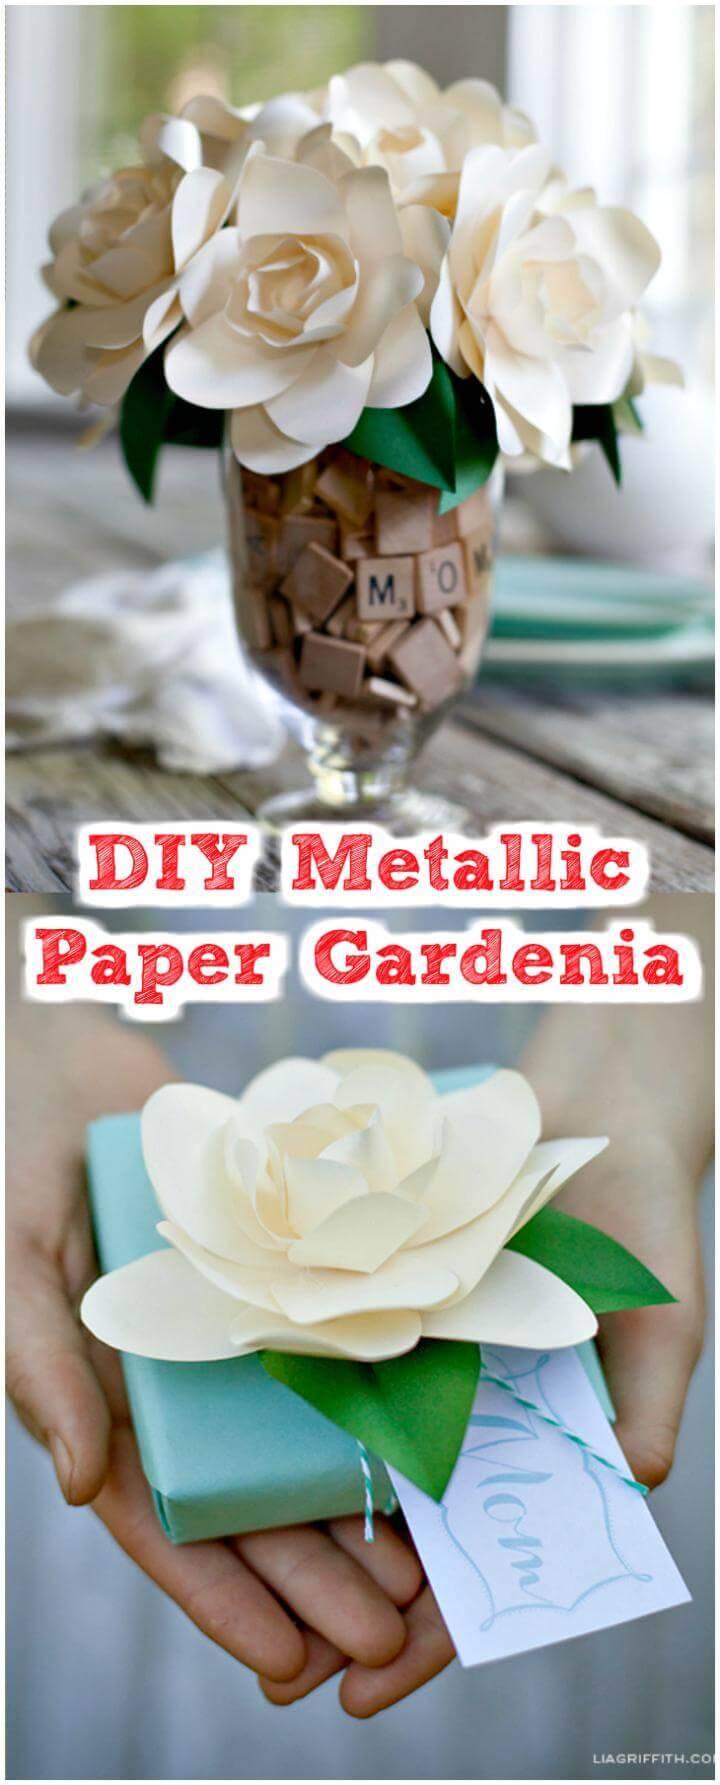 handmade metallic paper gardenia